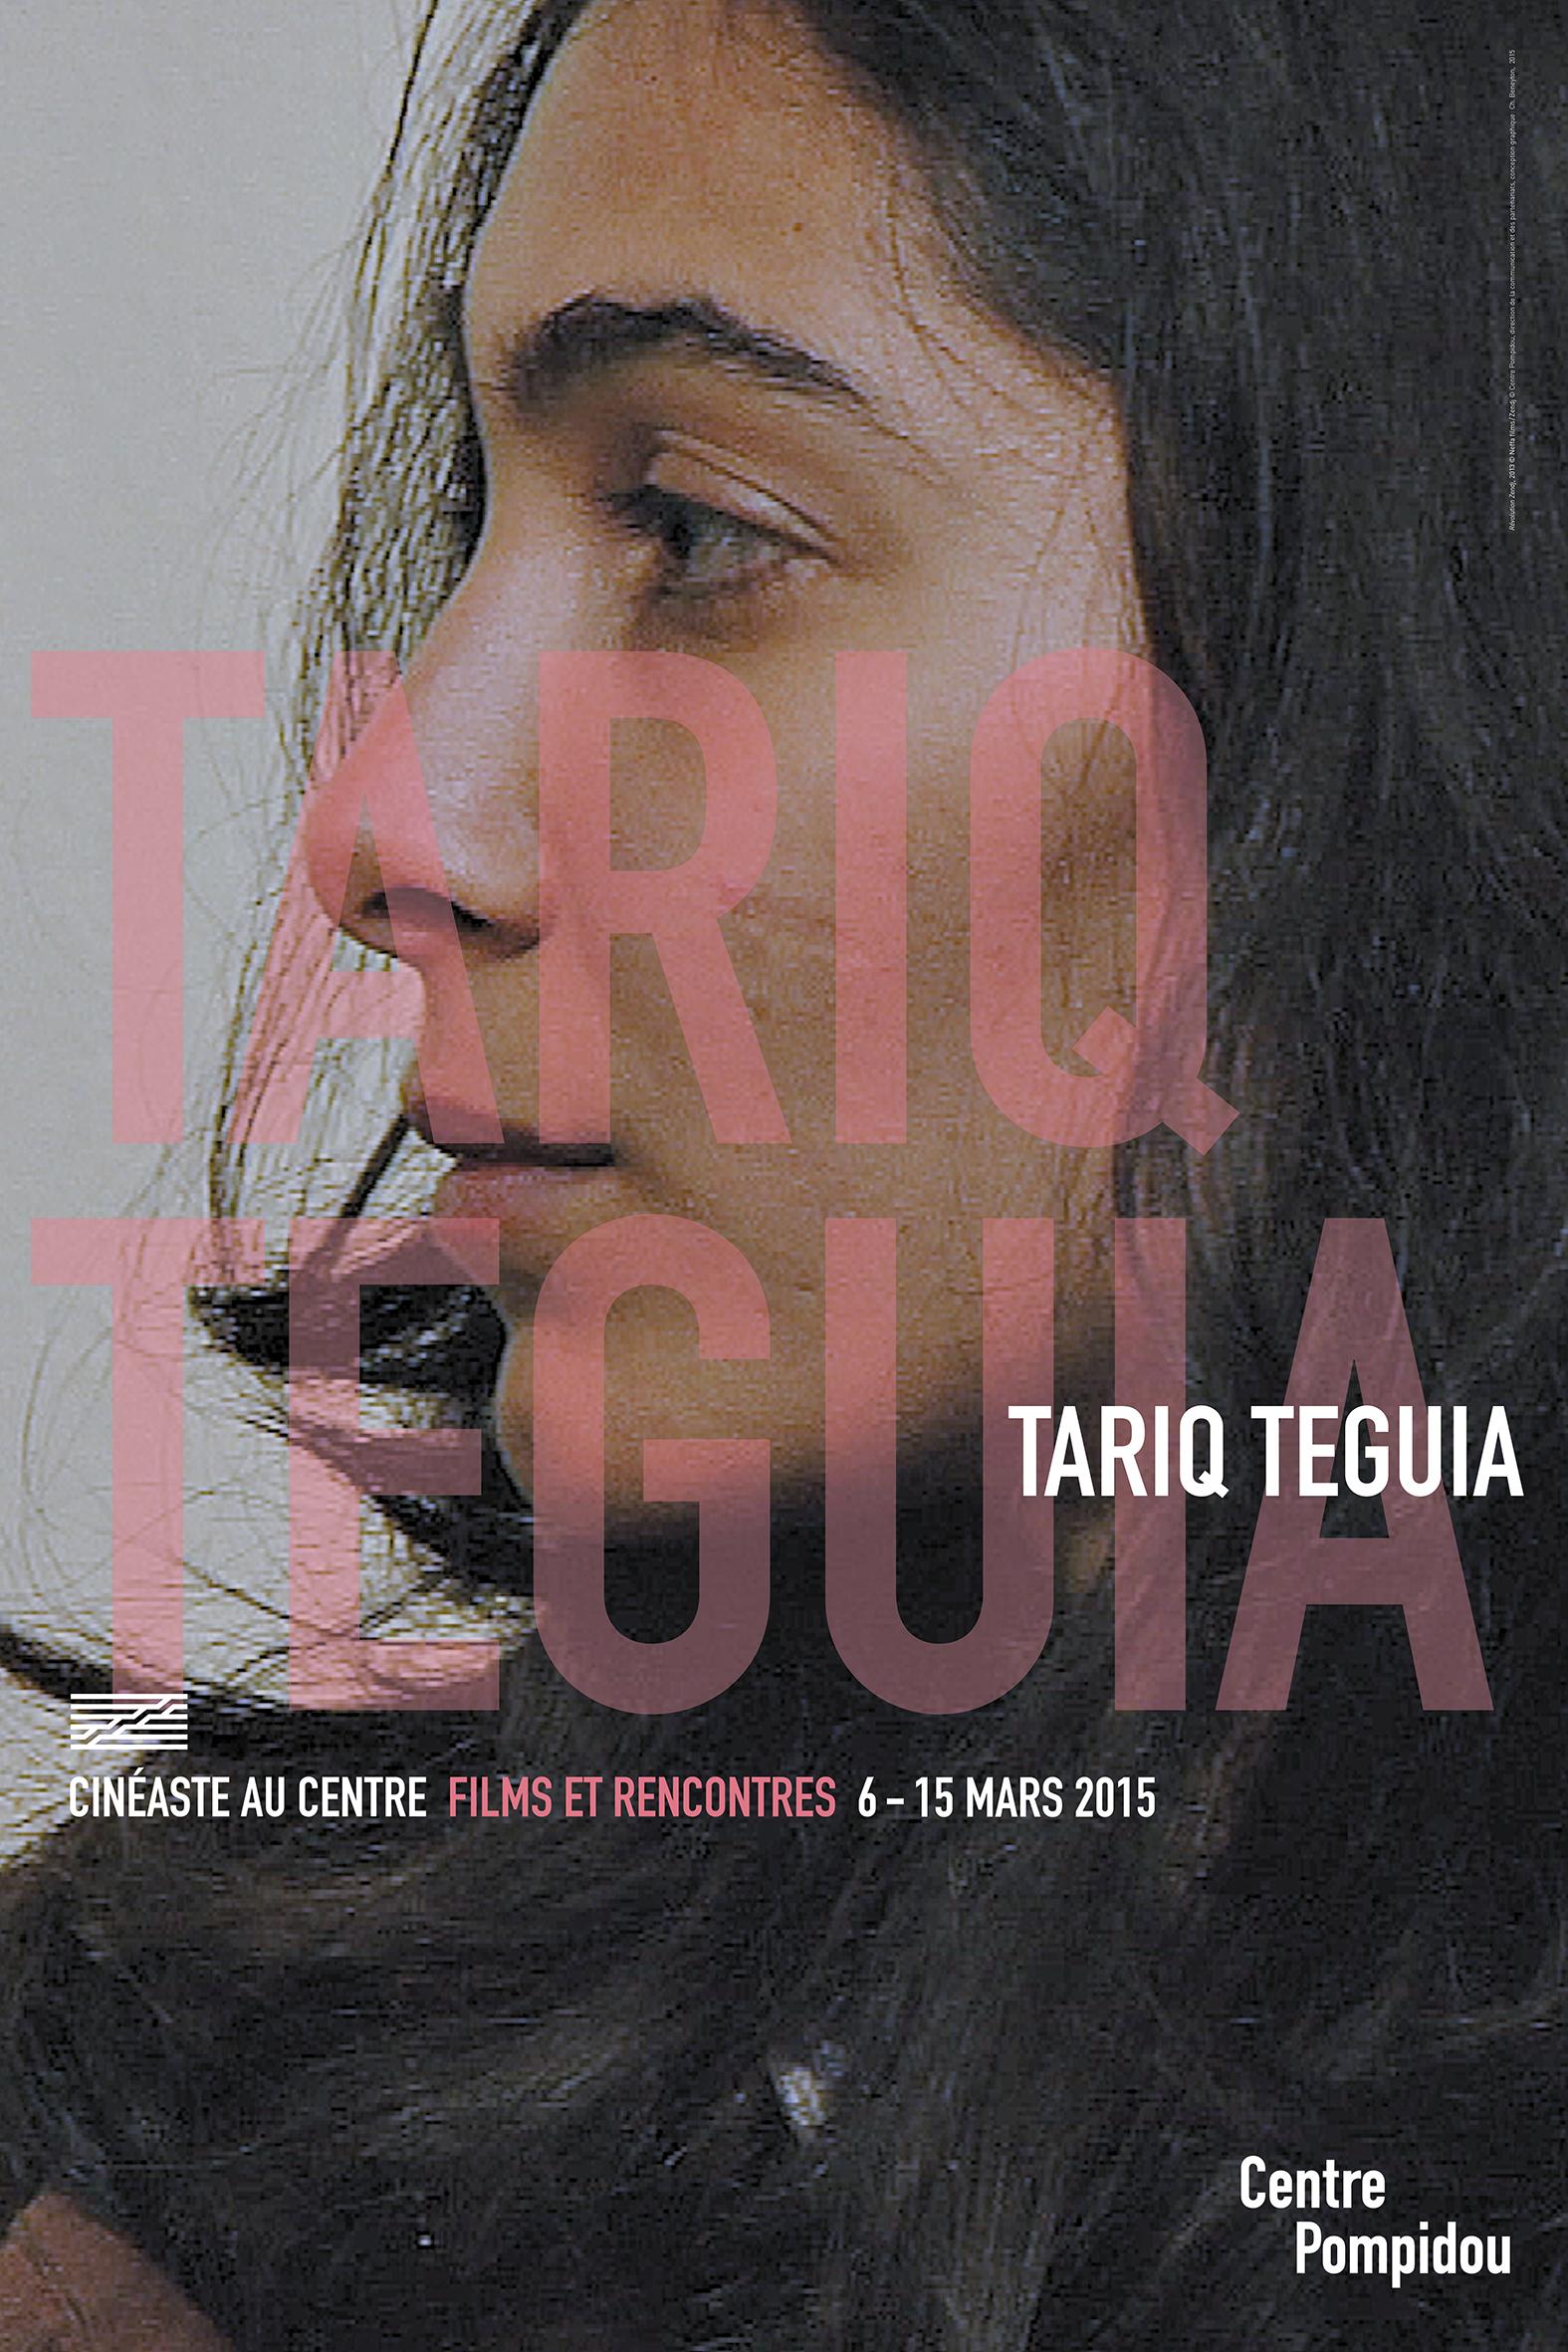 tariq teguia revolution zendj